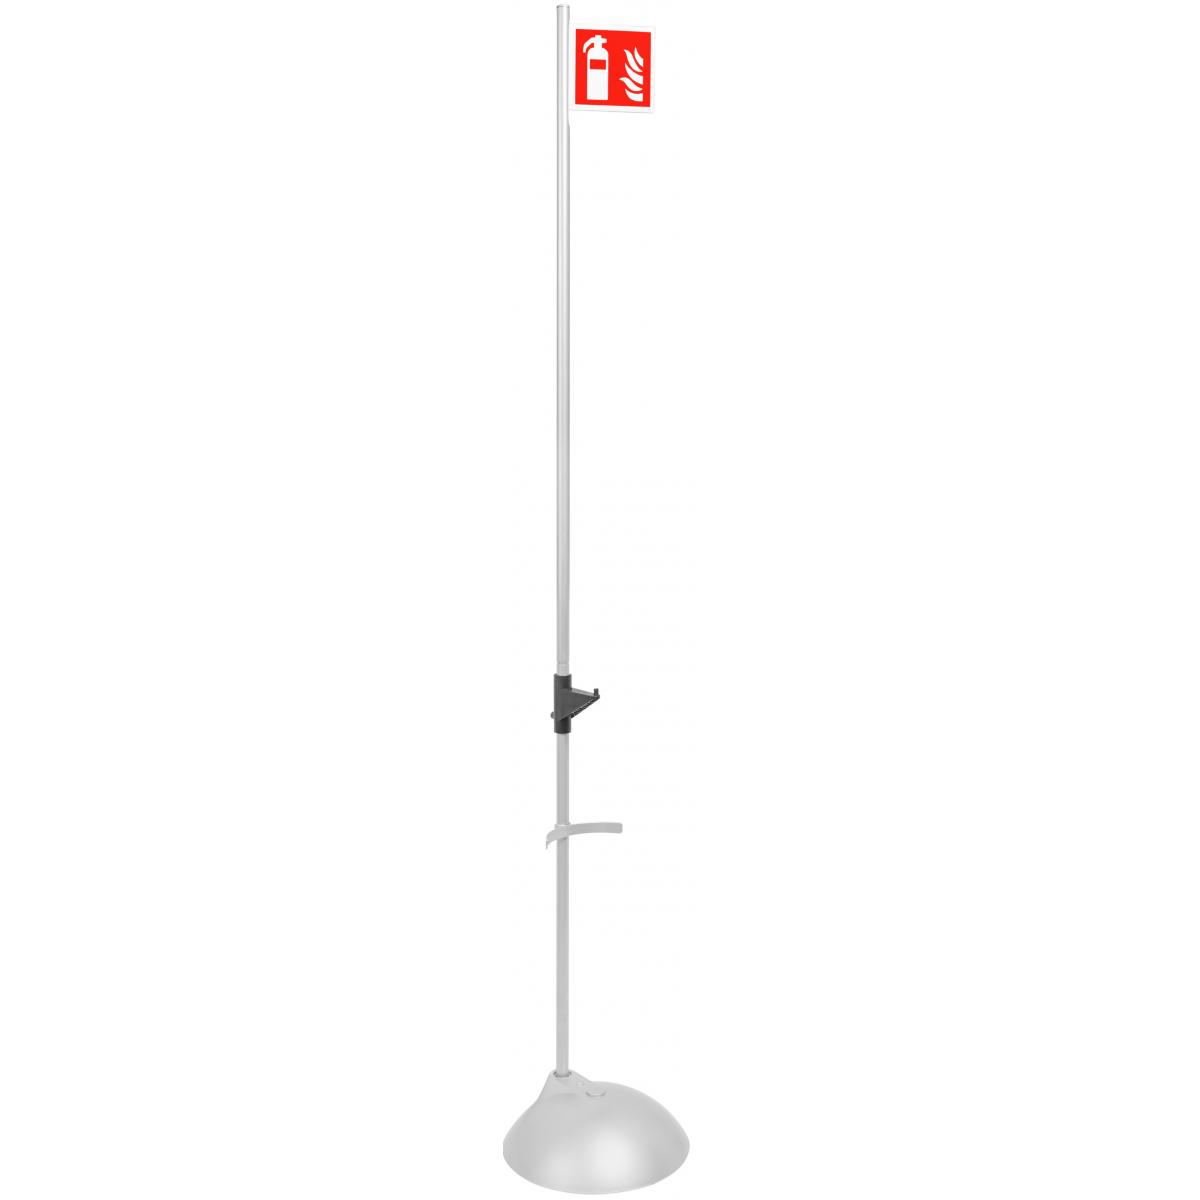 Βάση Επιδαπέδια Πυροσβεστήρα ασημί με πλαστική βάση και σήμα ένδειξης θέσης